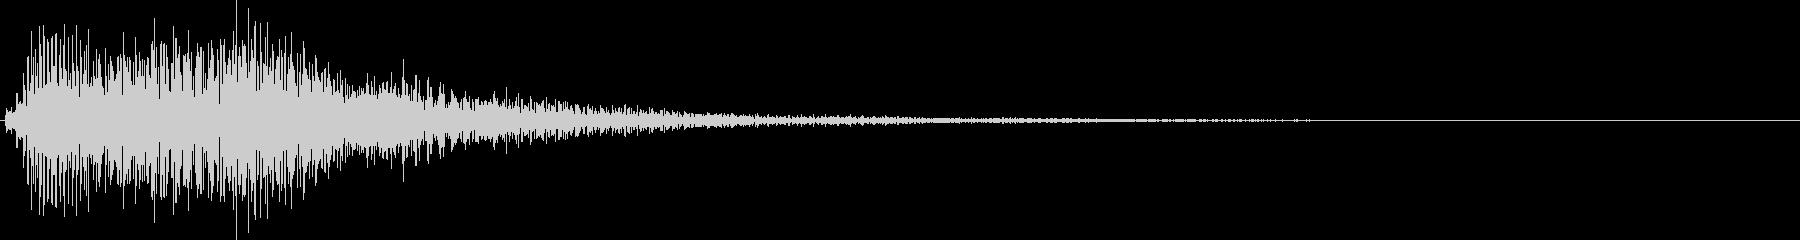 デデデン(エラー、アイキャッチ、失敗)の未再生の波形